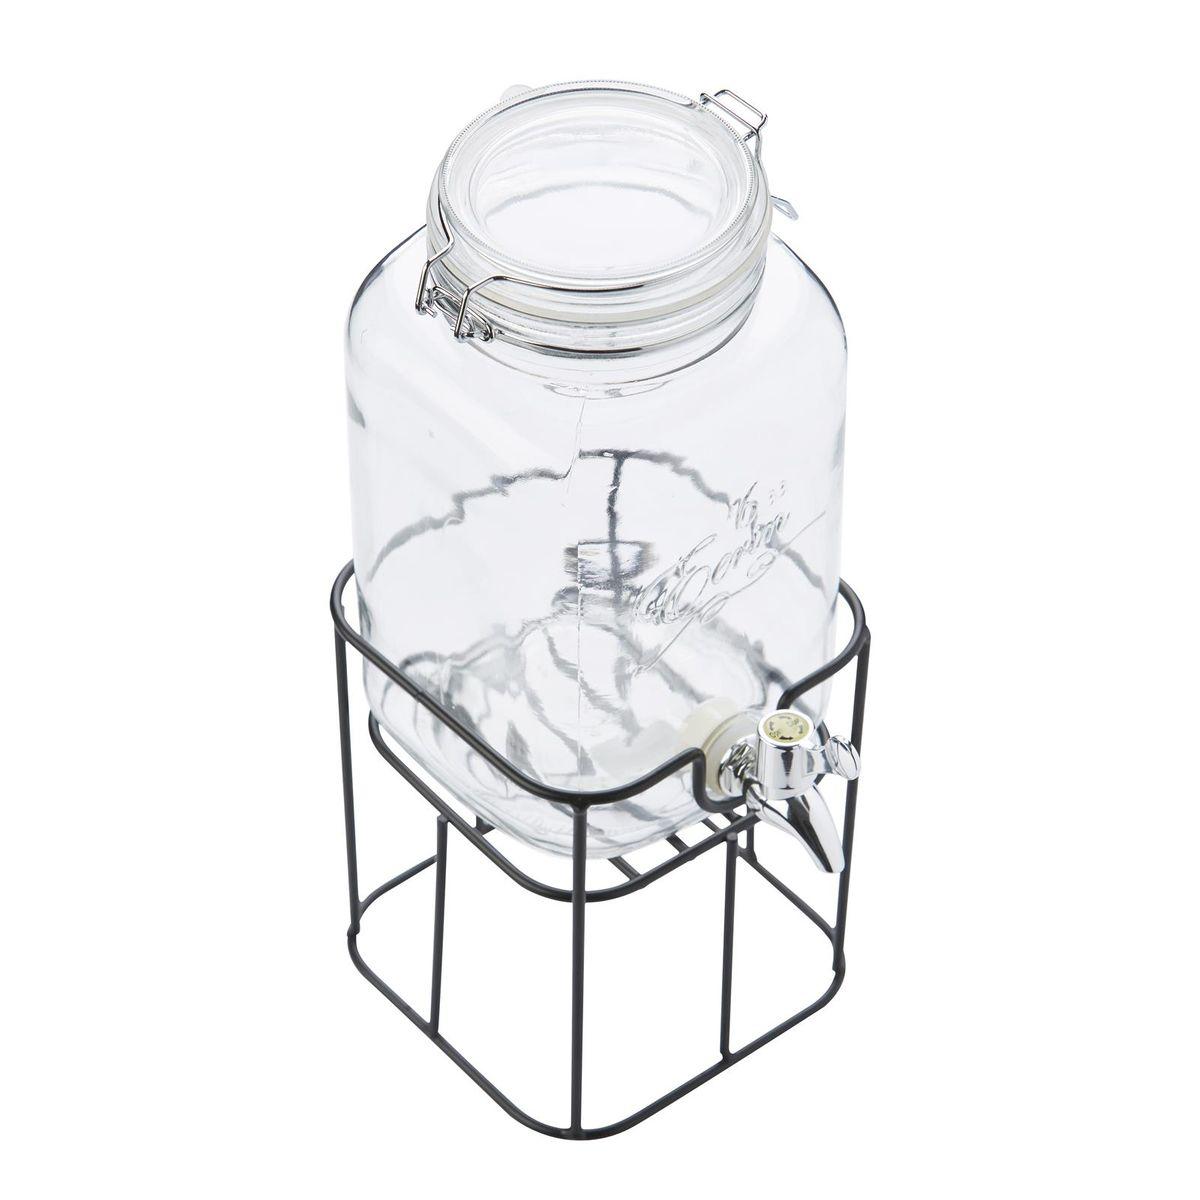 Distributeur de boisson 3.6L avec support métal - Point Virgule